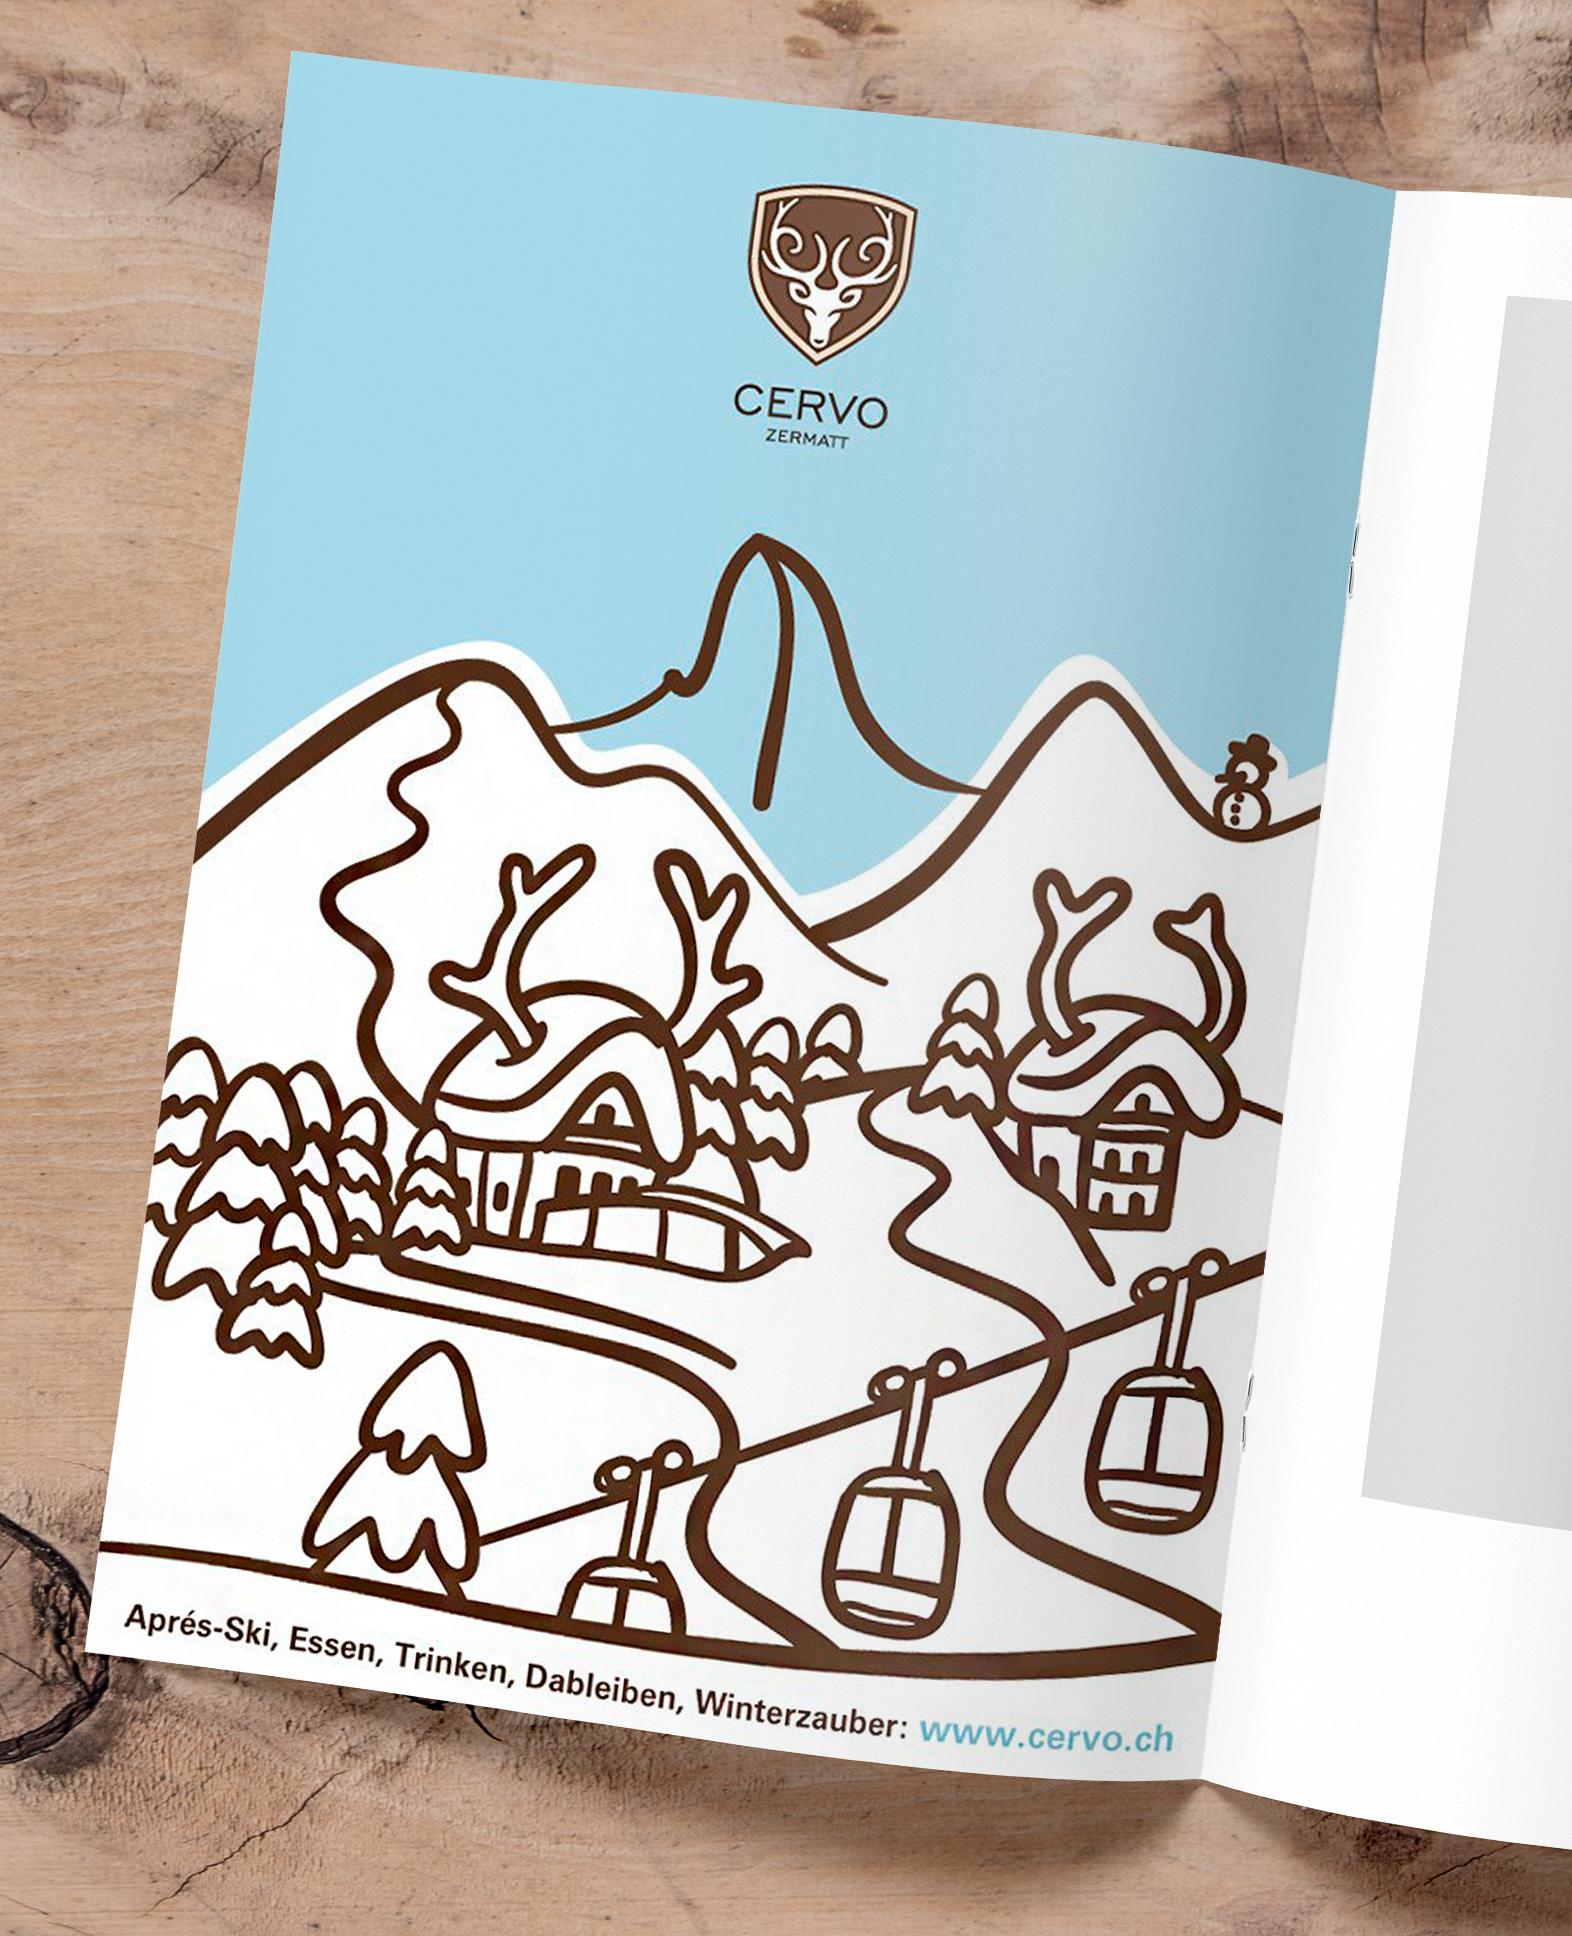 Cervo Hotel Zermatt Inserat by Werbeagentur Bern - Blitz & Donner